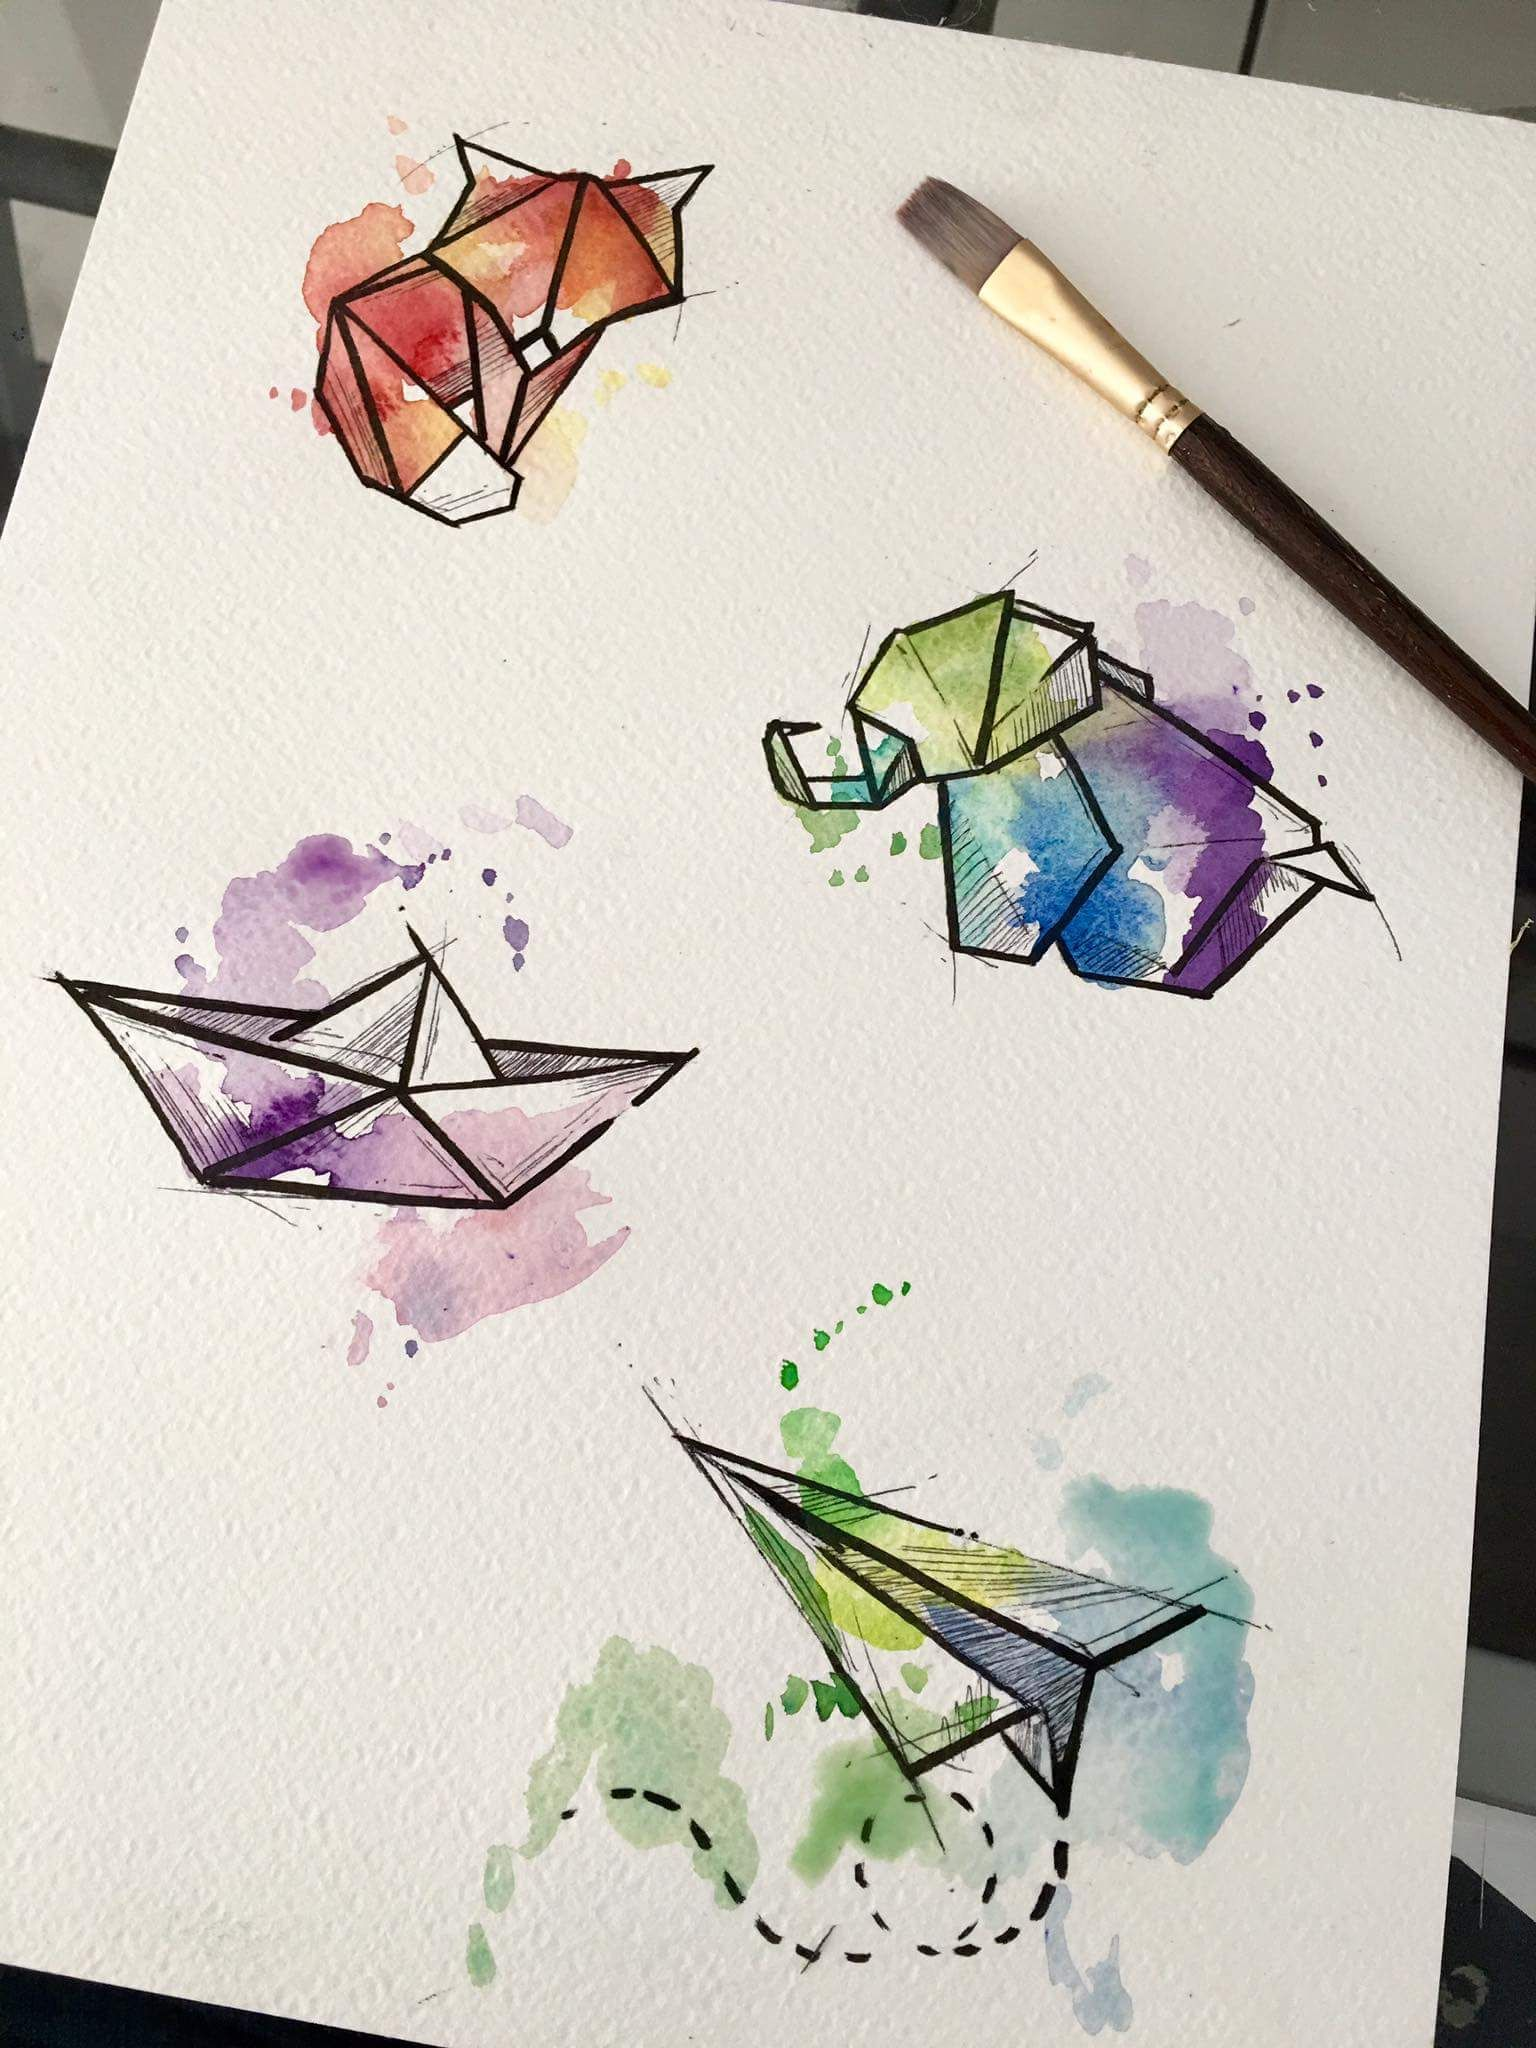 1001 Ideas De Dibujos Con Acuarelas Inspiradoras En Fotos